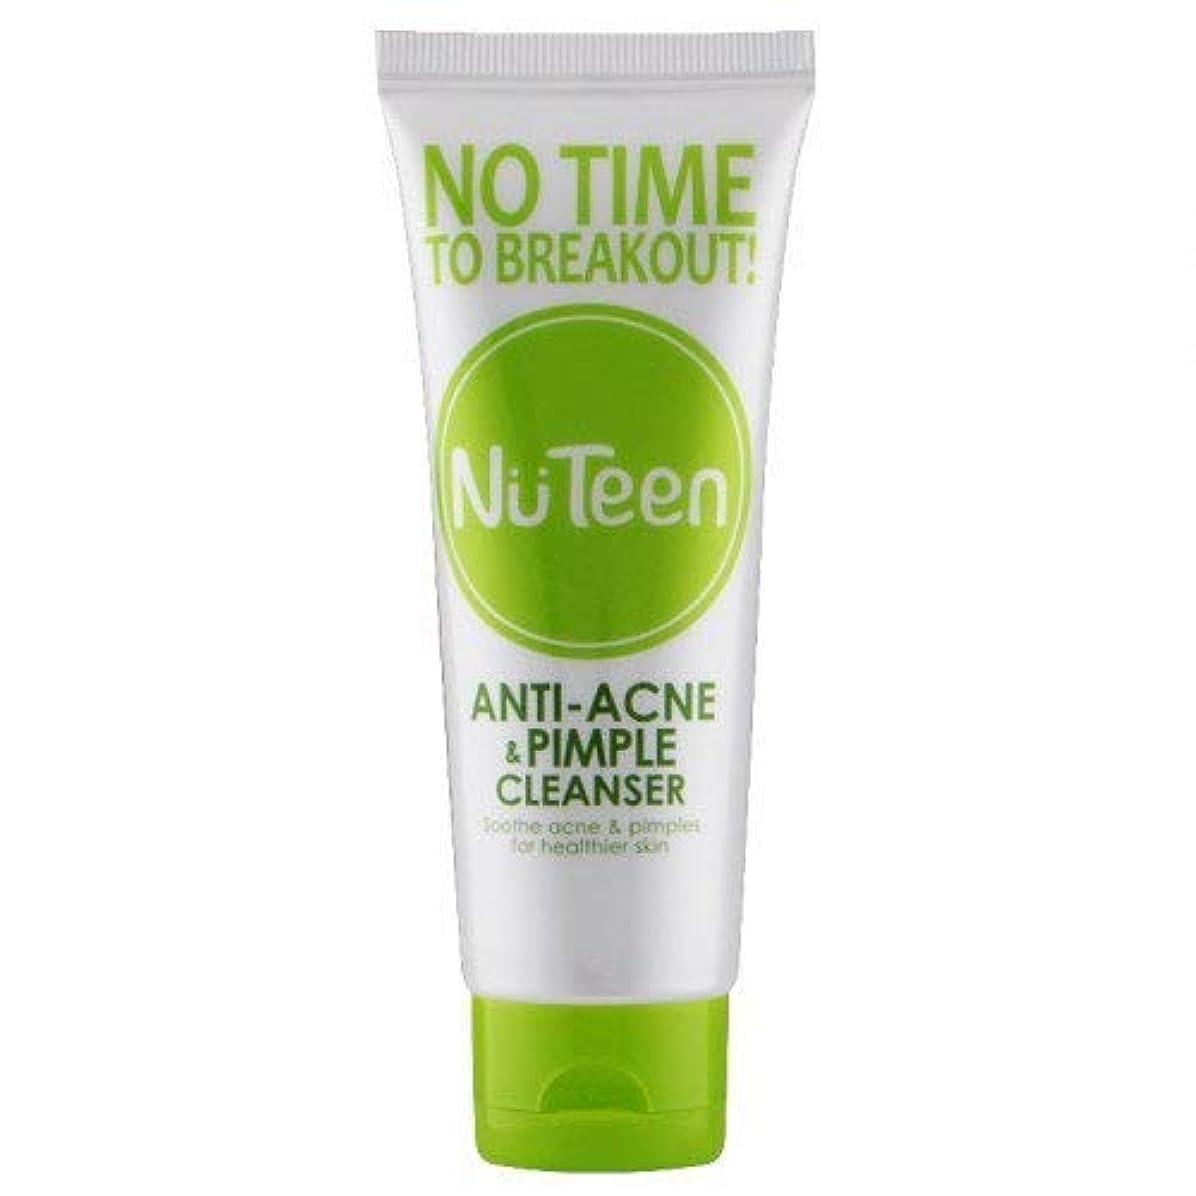 けがをするり毎日Nuteen 抗ニキビや吹き出物洗顔料は優しく効果的にきれい100g-乾燥せずに余分な油や汚れを取り除きます